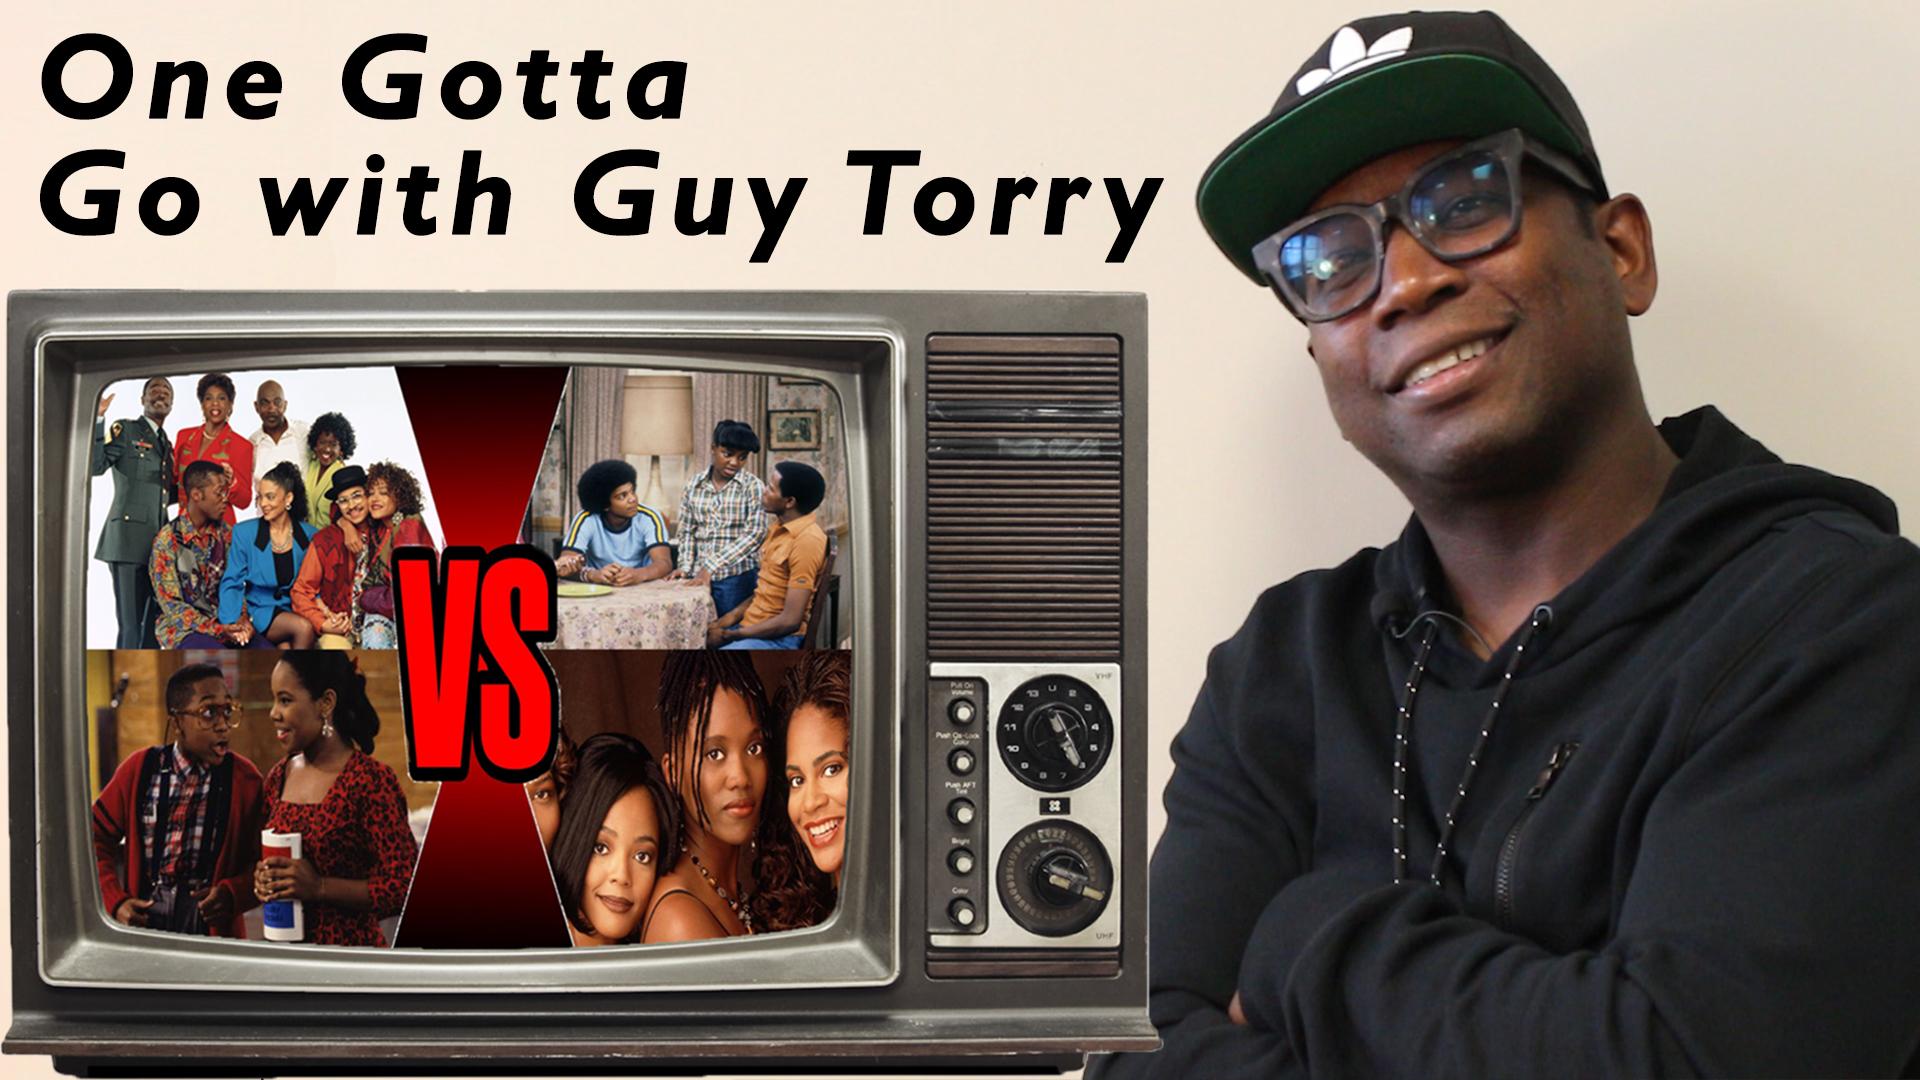 Guy Torry - One Gotta Go